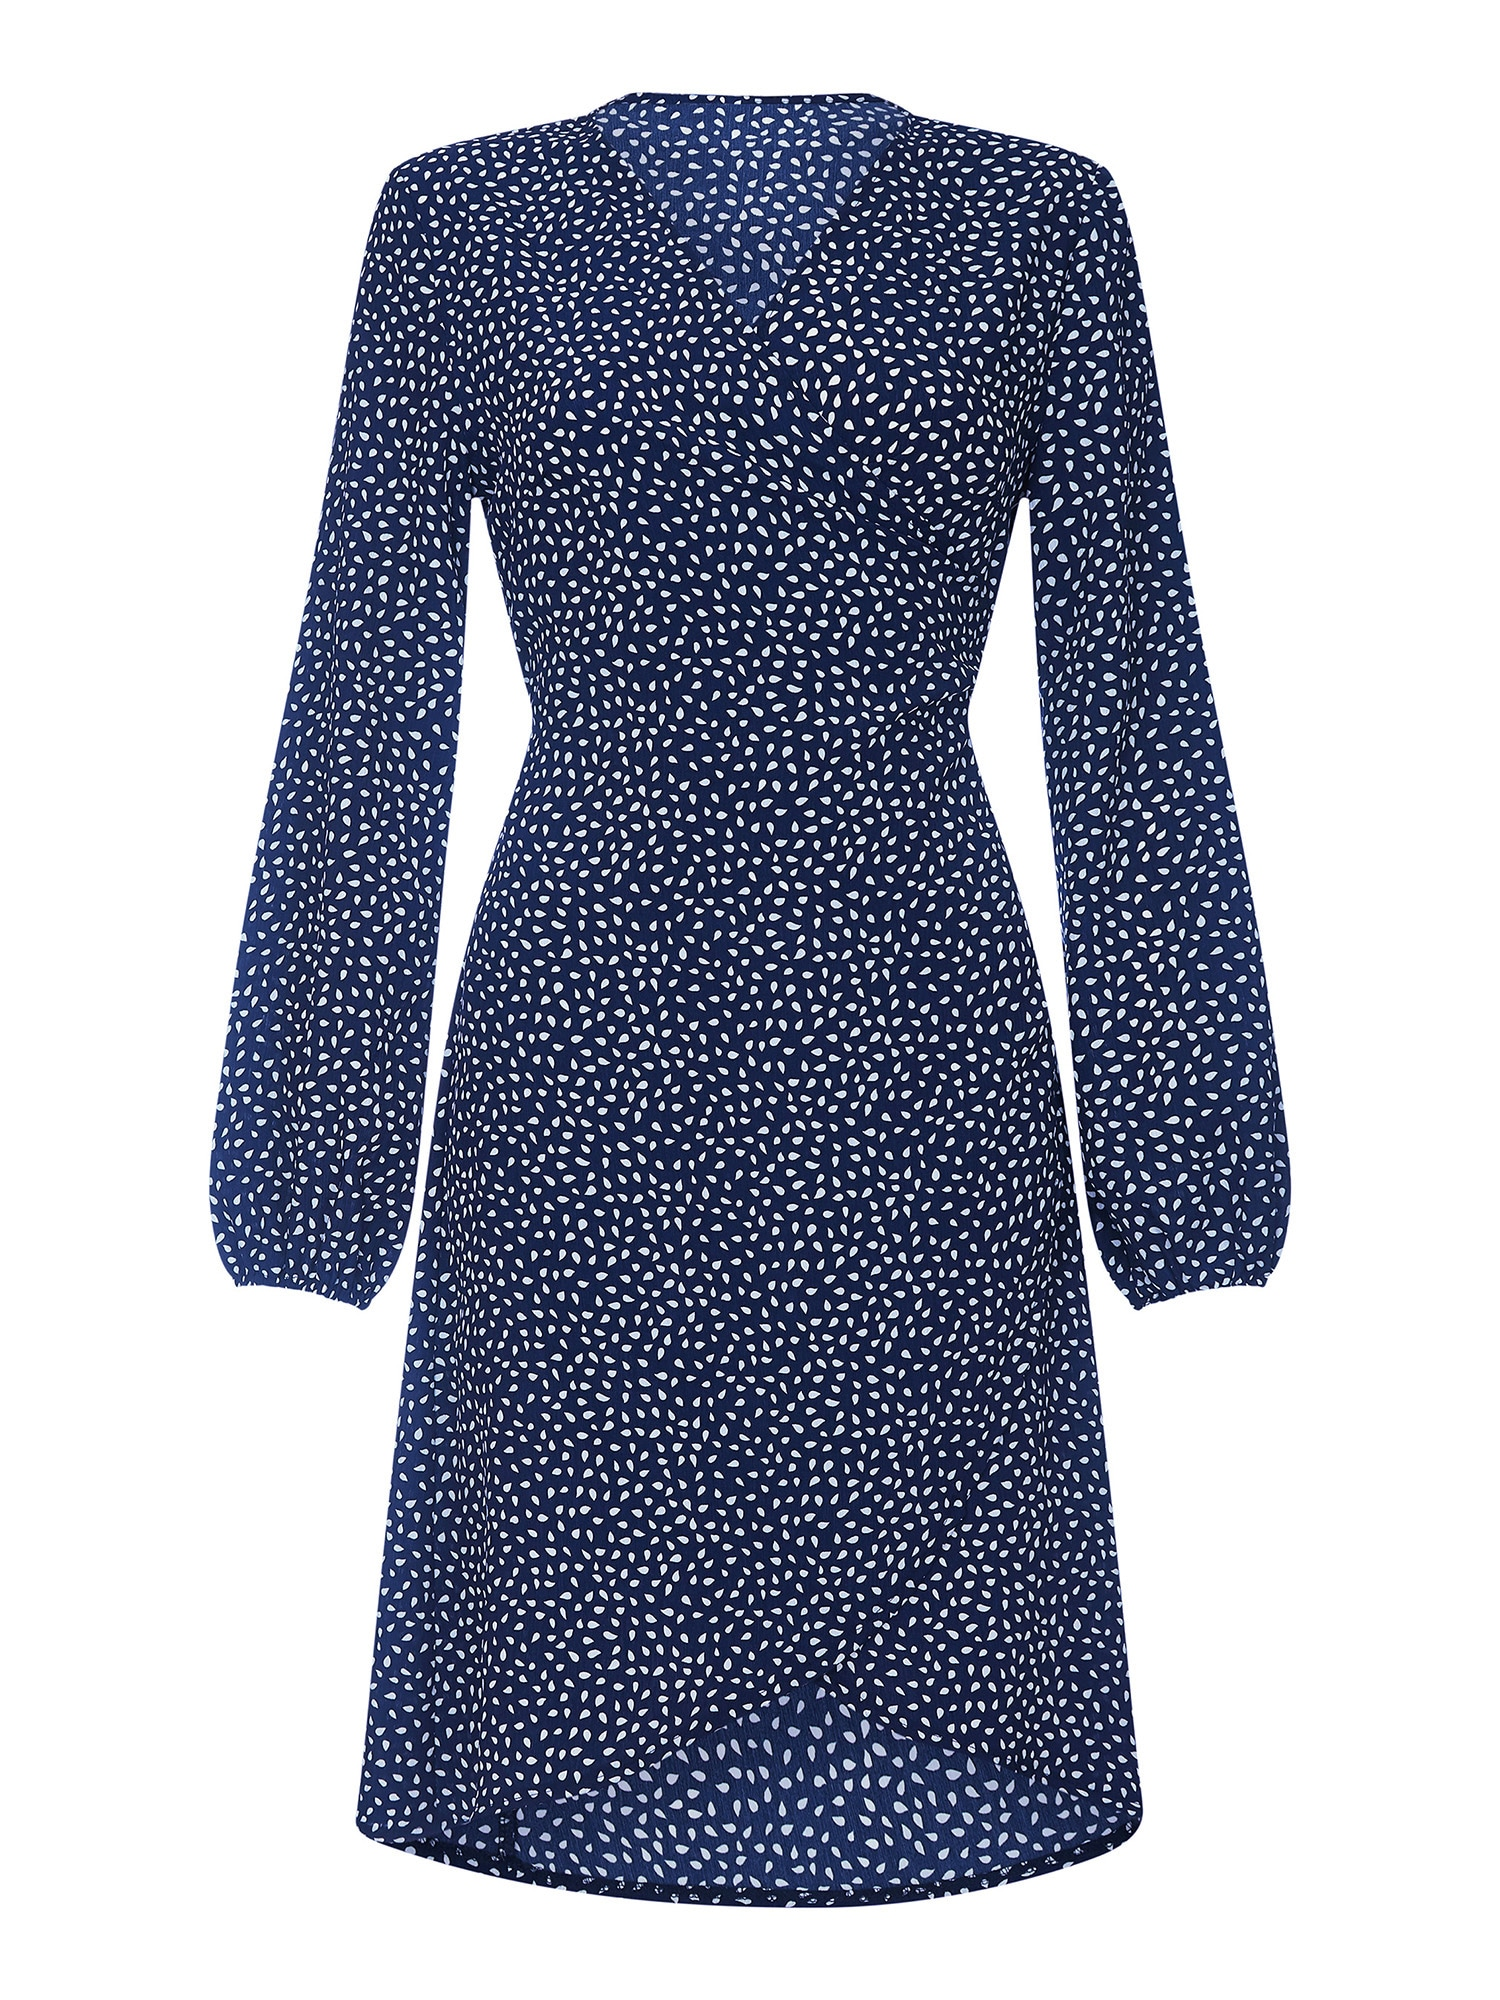 Šaty SPOTTY námořnická modř bílá Mela London